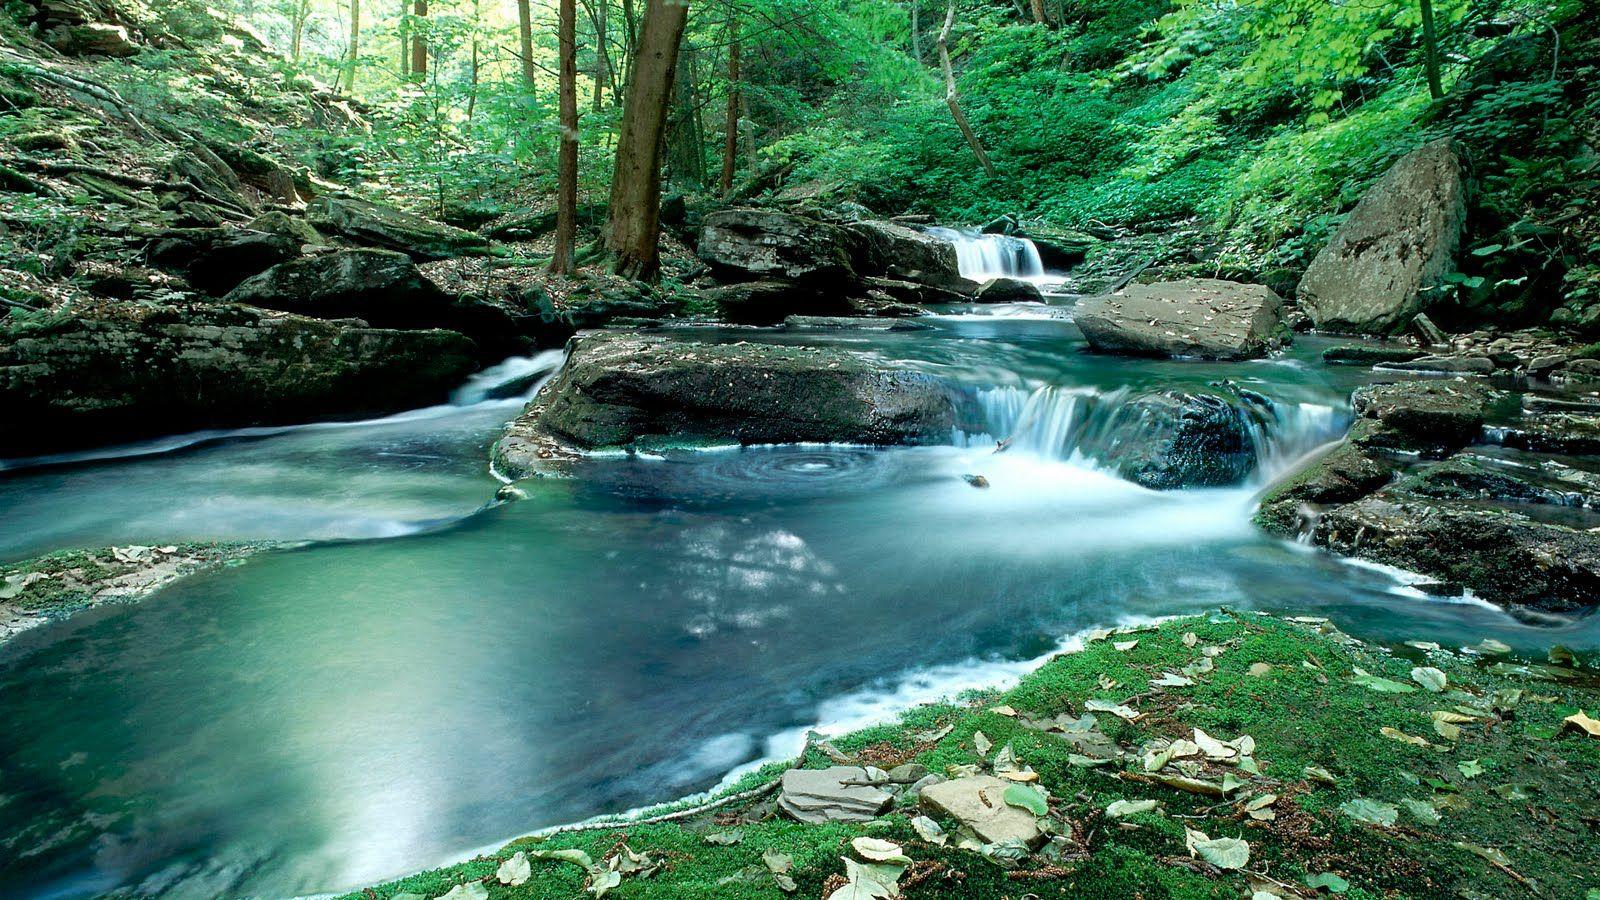 17 Best ideas about Nature Desktop Wallpaper on Pinterest ...